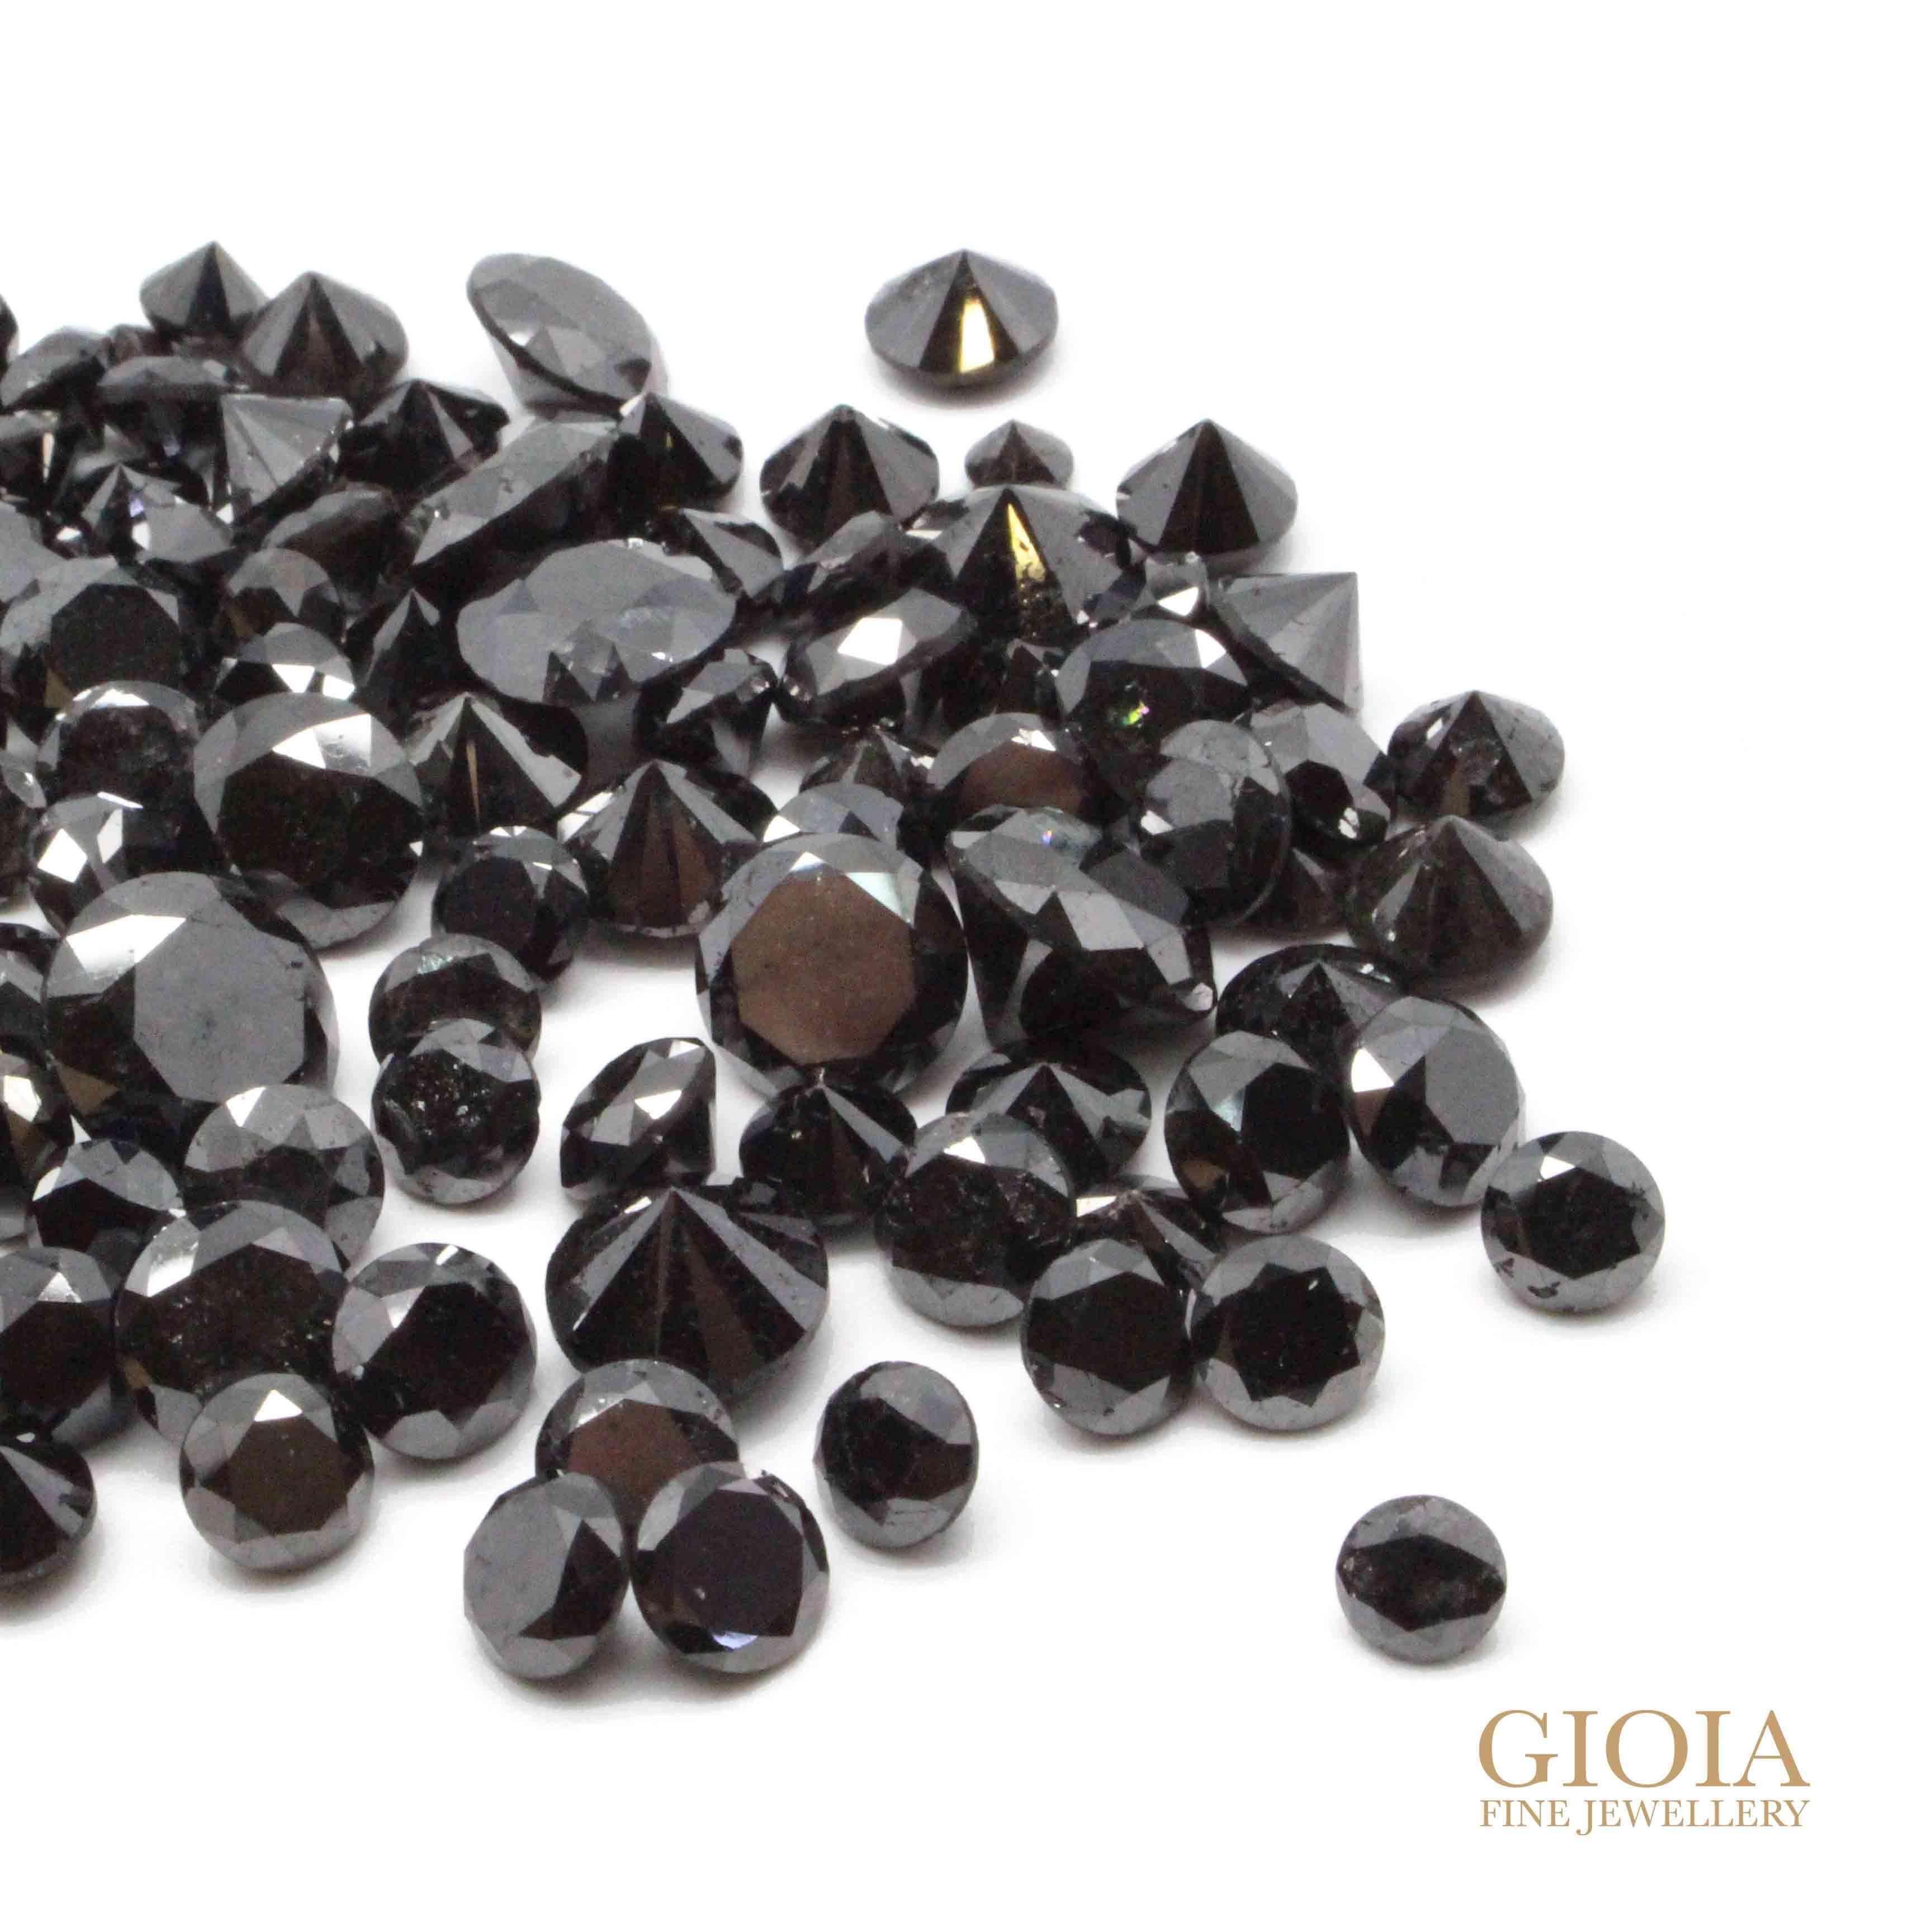 Black Diamond Setting - Customised jewellery